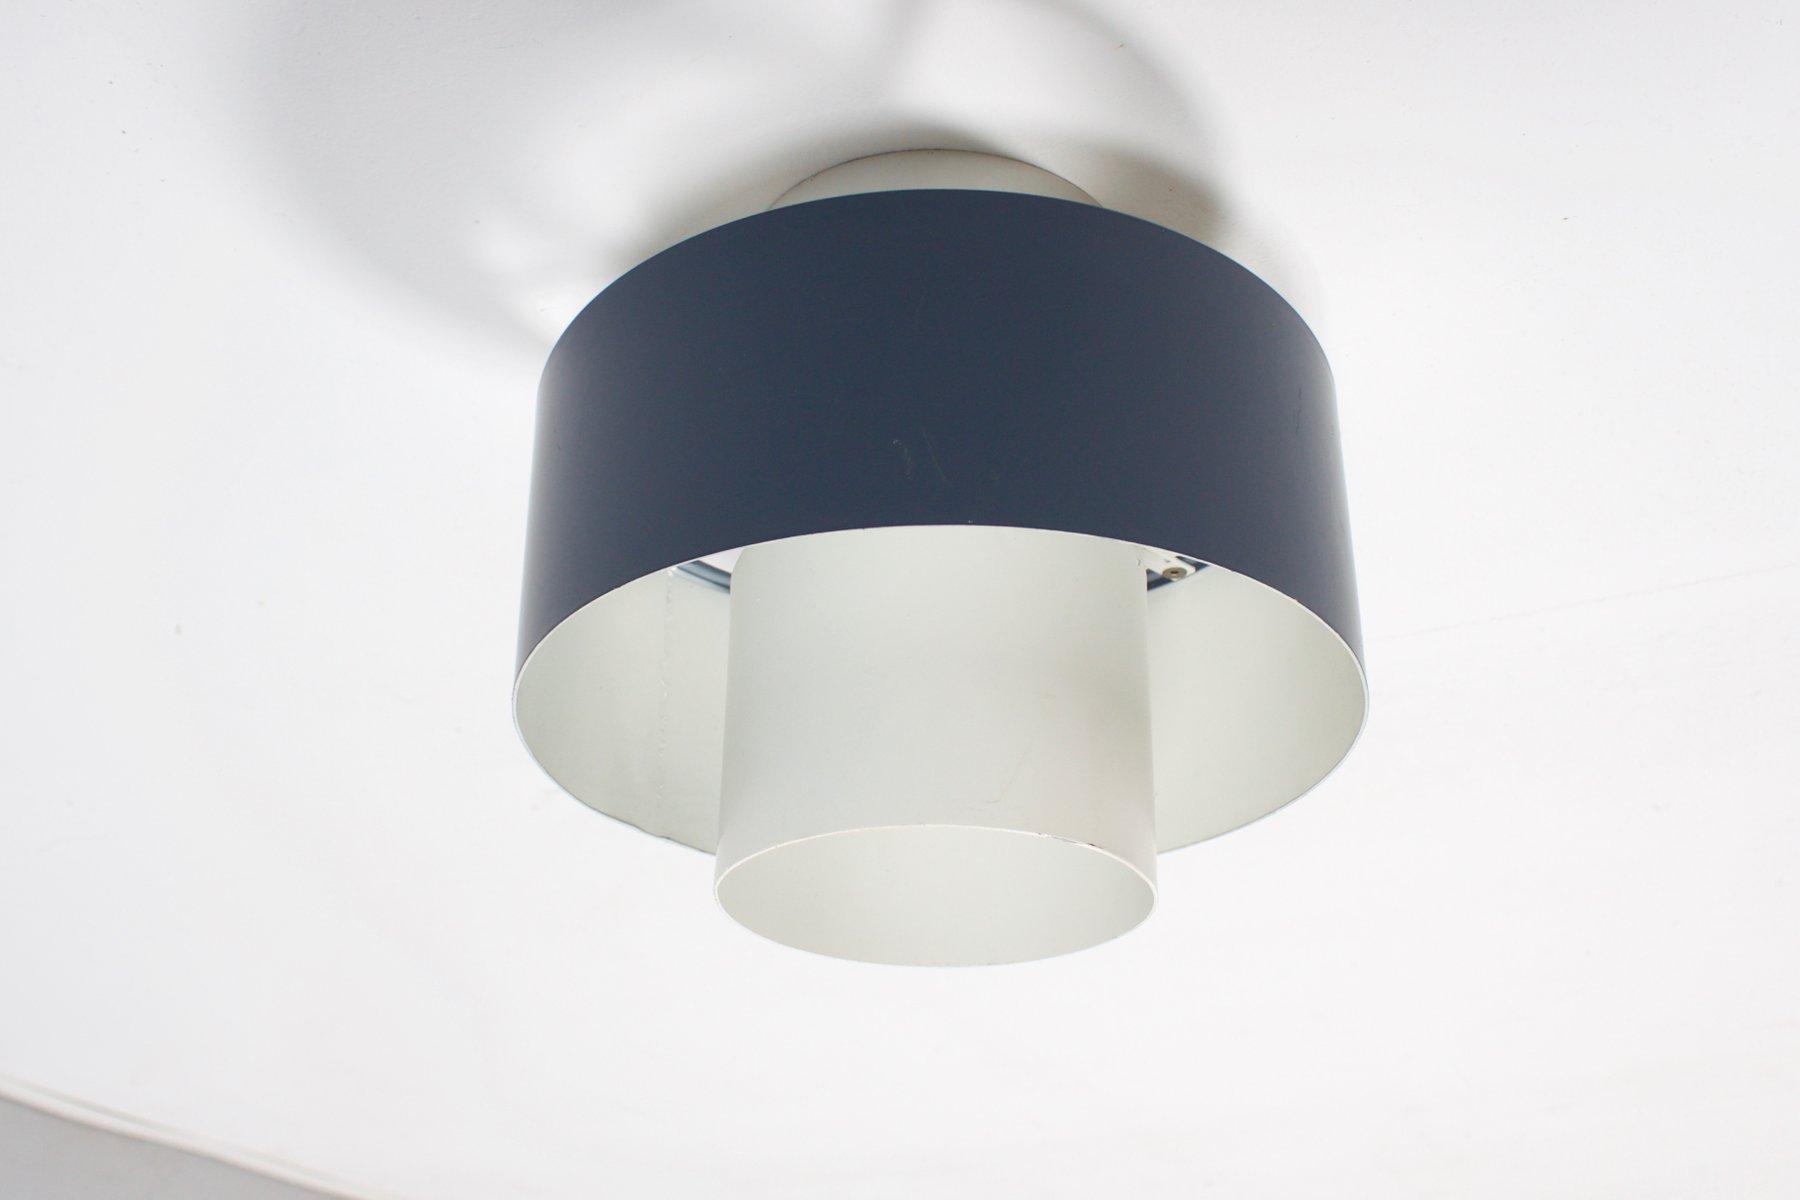 Industrielle Vintage 1/3 Einbau- Deckenlampe von Louis Kalff für Phili...